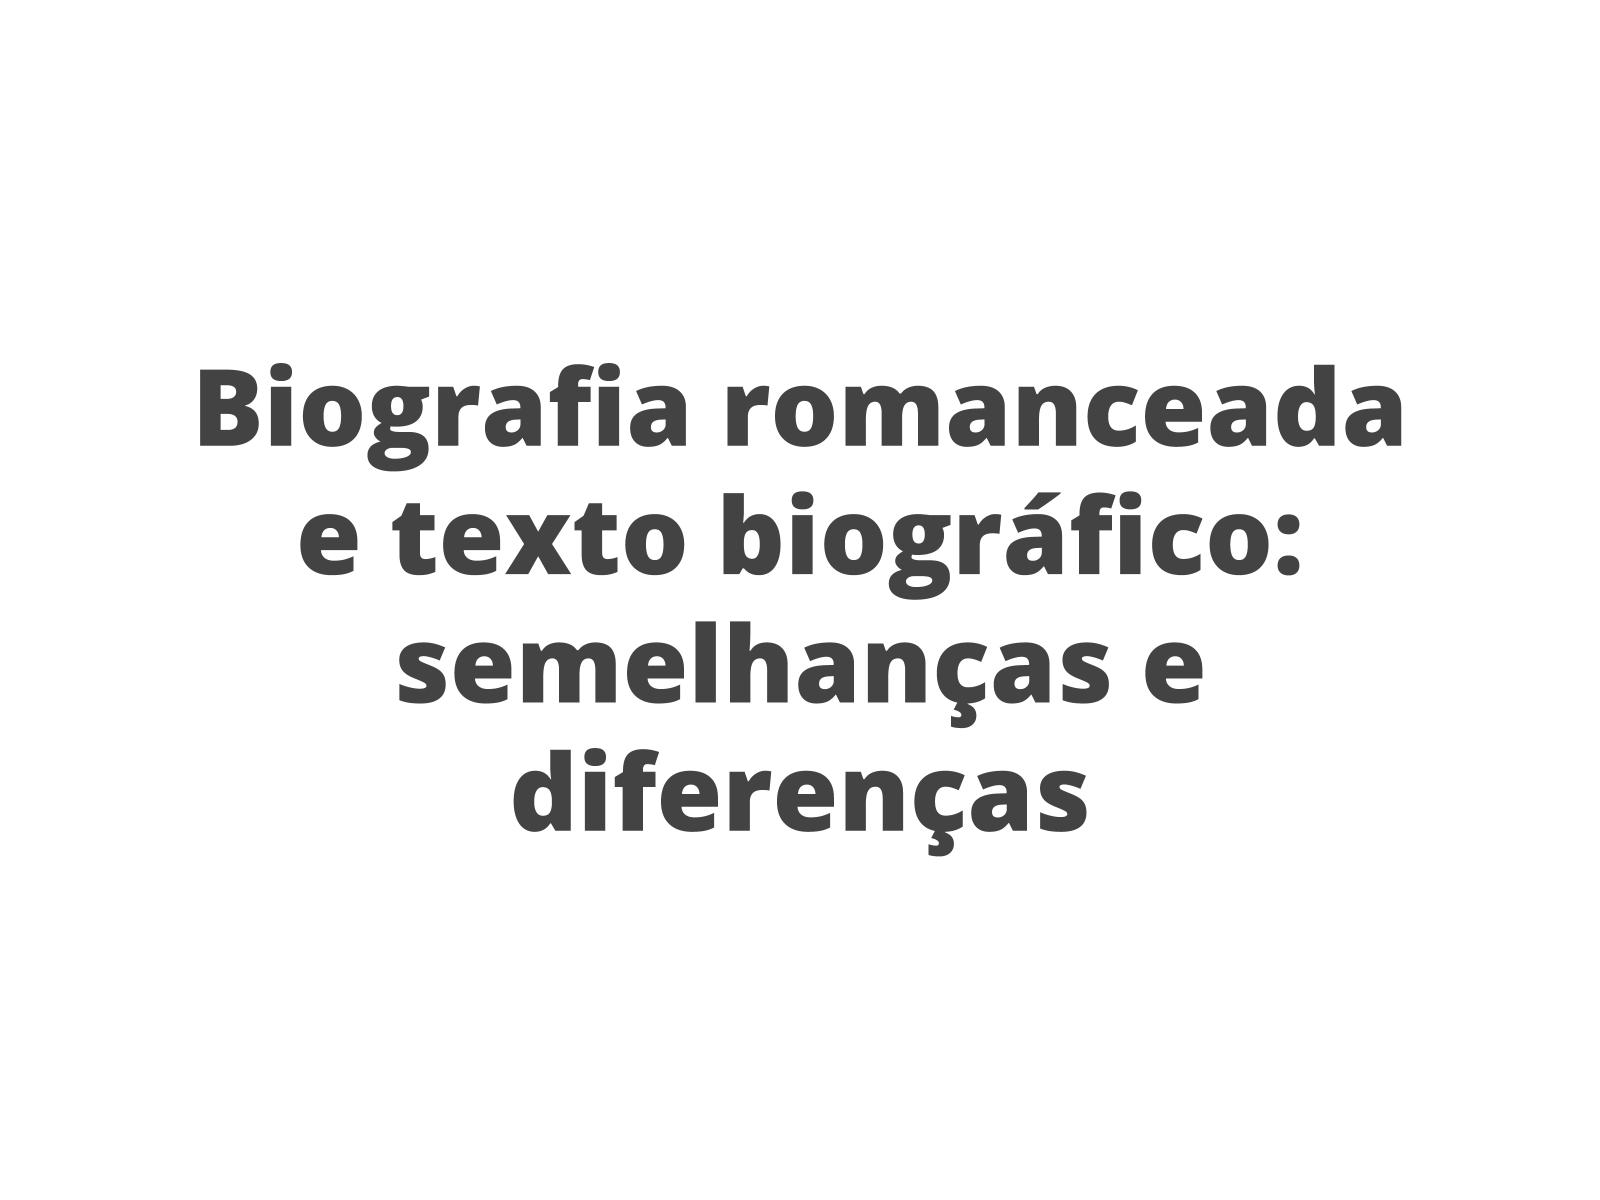 Biografia romanceada e texto biográfico - semelhanças e diferenças